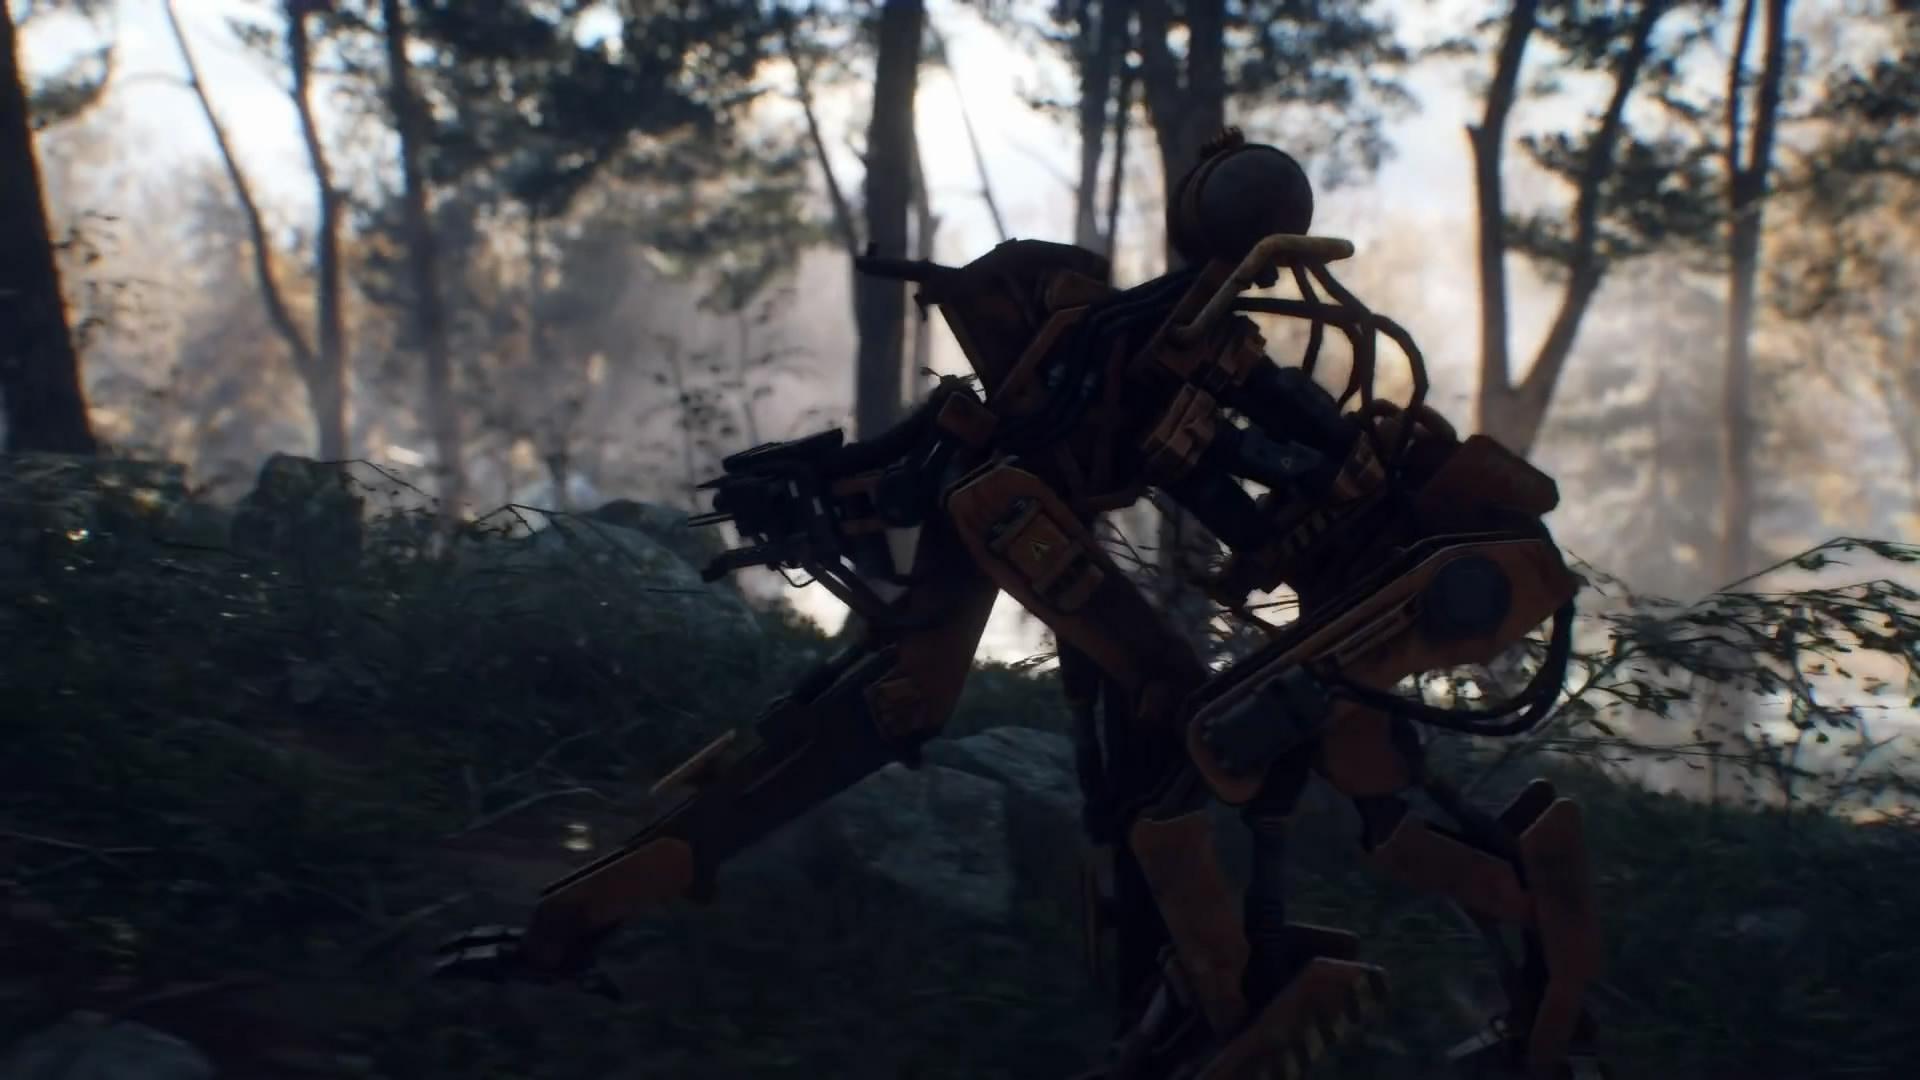 对抗机器大军!科幻惊悚FPS《零世代》新演示视频